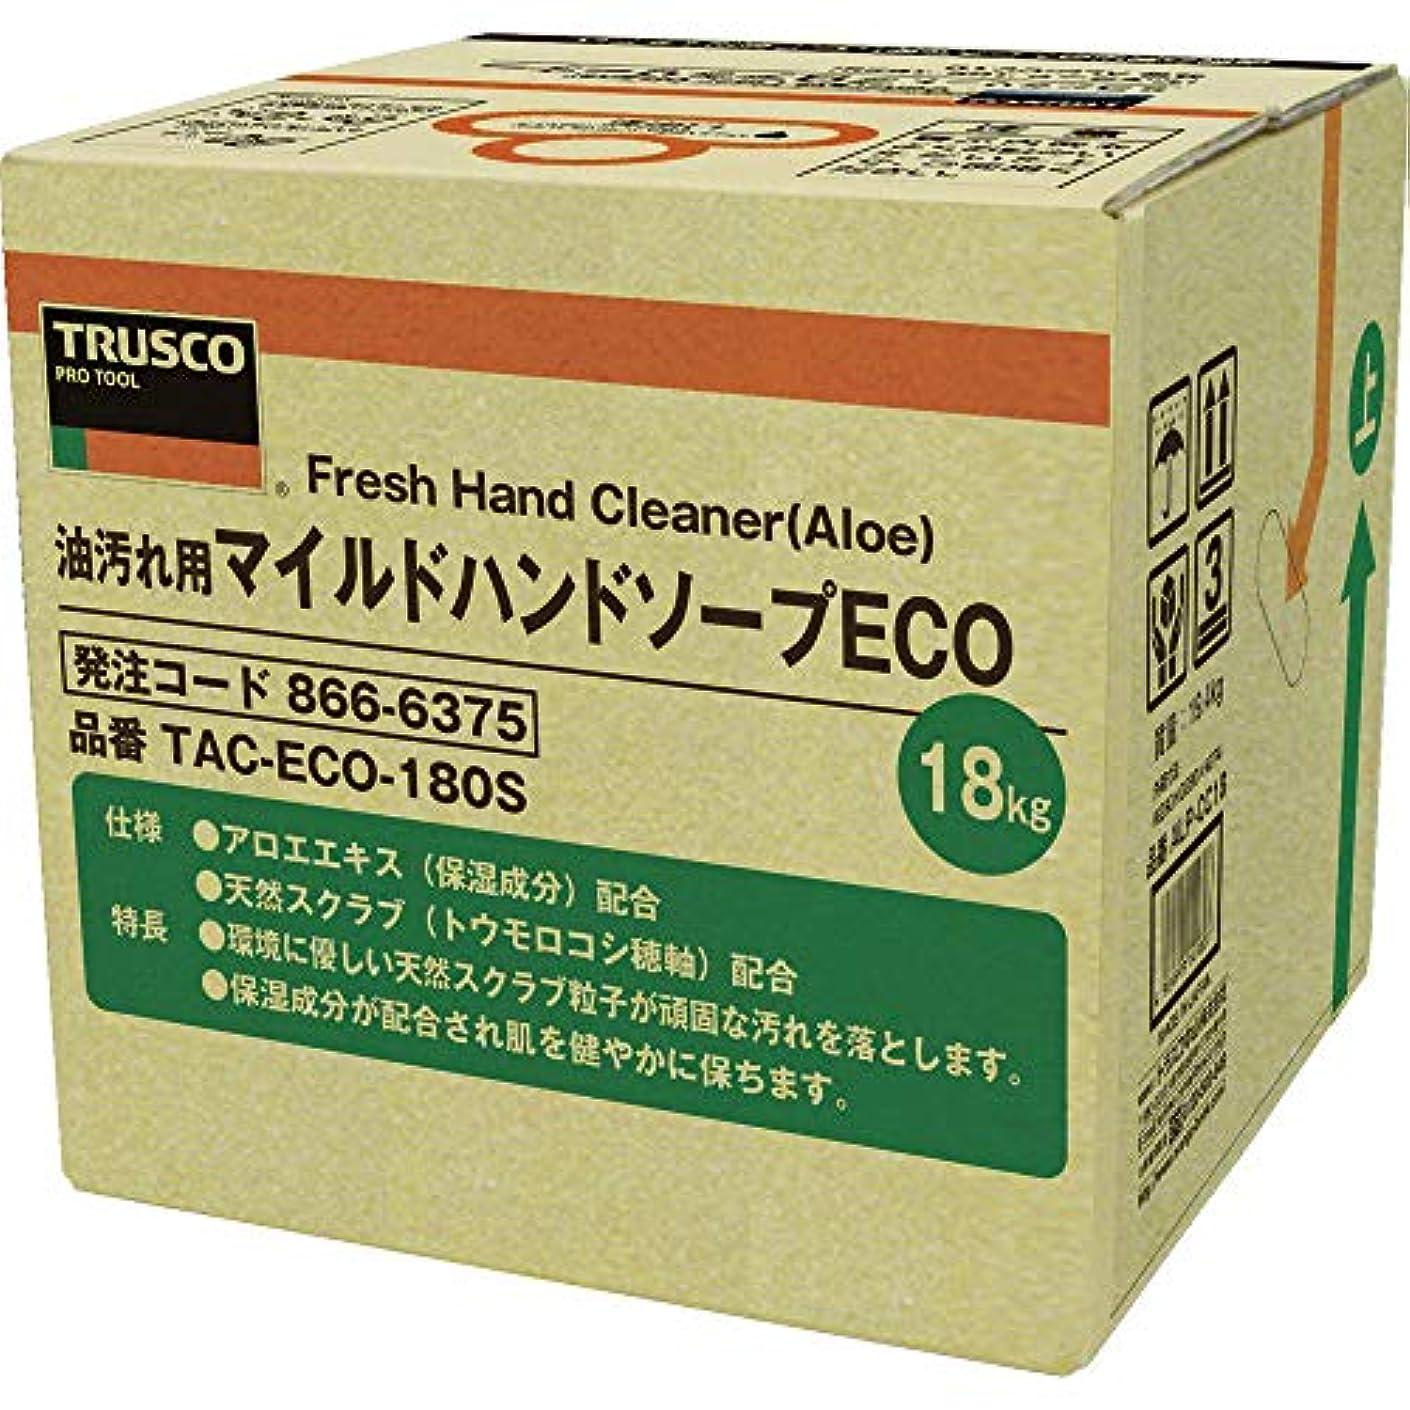 囲まれた交響曲フィットTRUSCO(トラスコ) マイルドハンドソープ ECO 18L 詰替 バッグインボックス TACECO180S